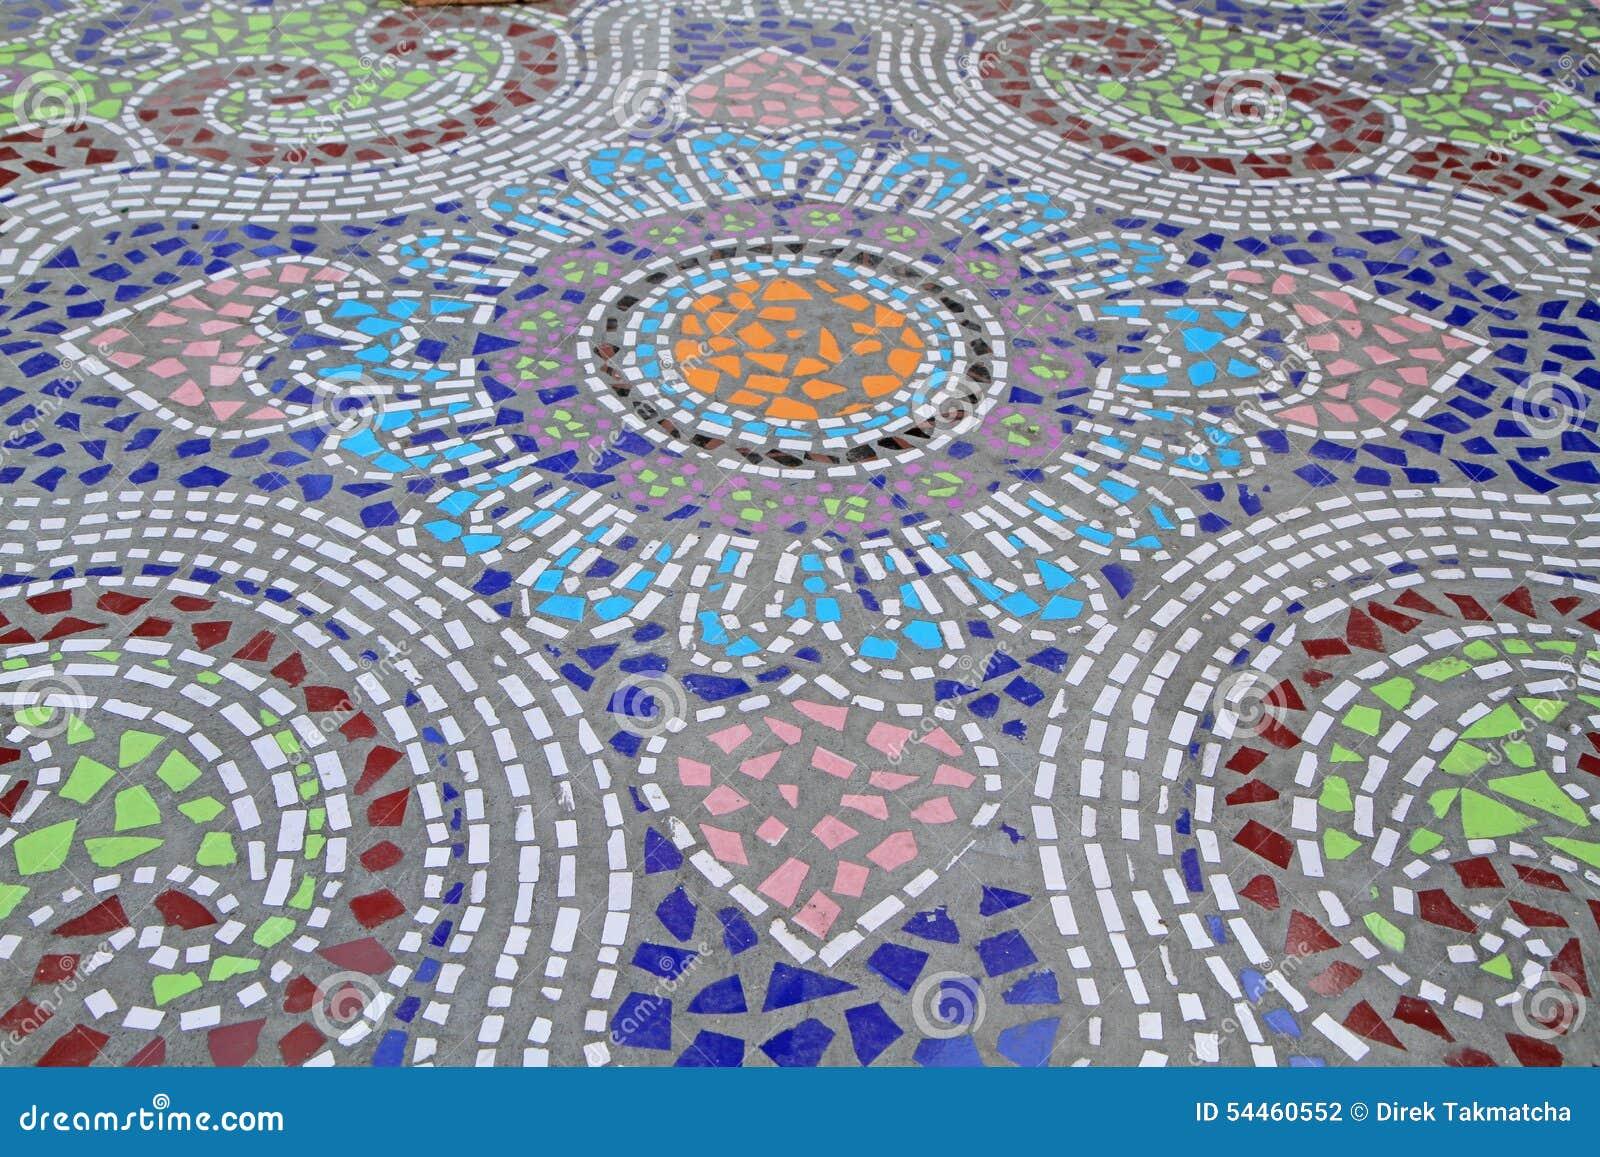 De achtergrond van de moza ek betegelde vloer stock foto afbeelding 54460552 - Moderne betegelde vloer ...